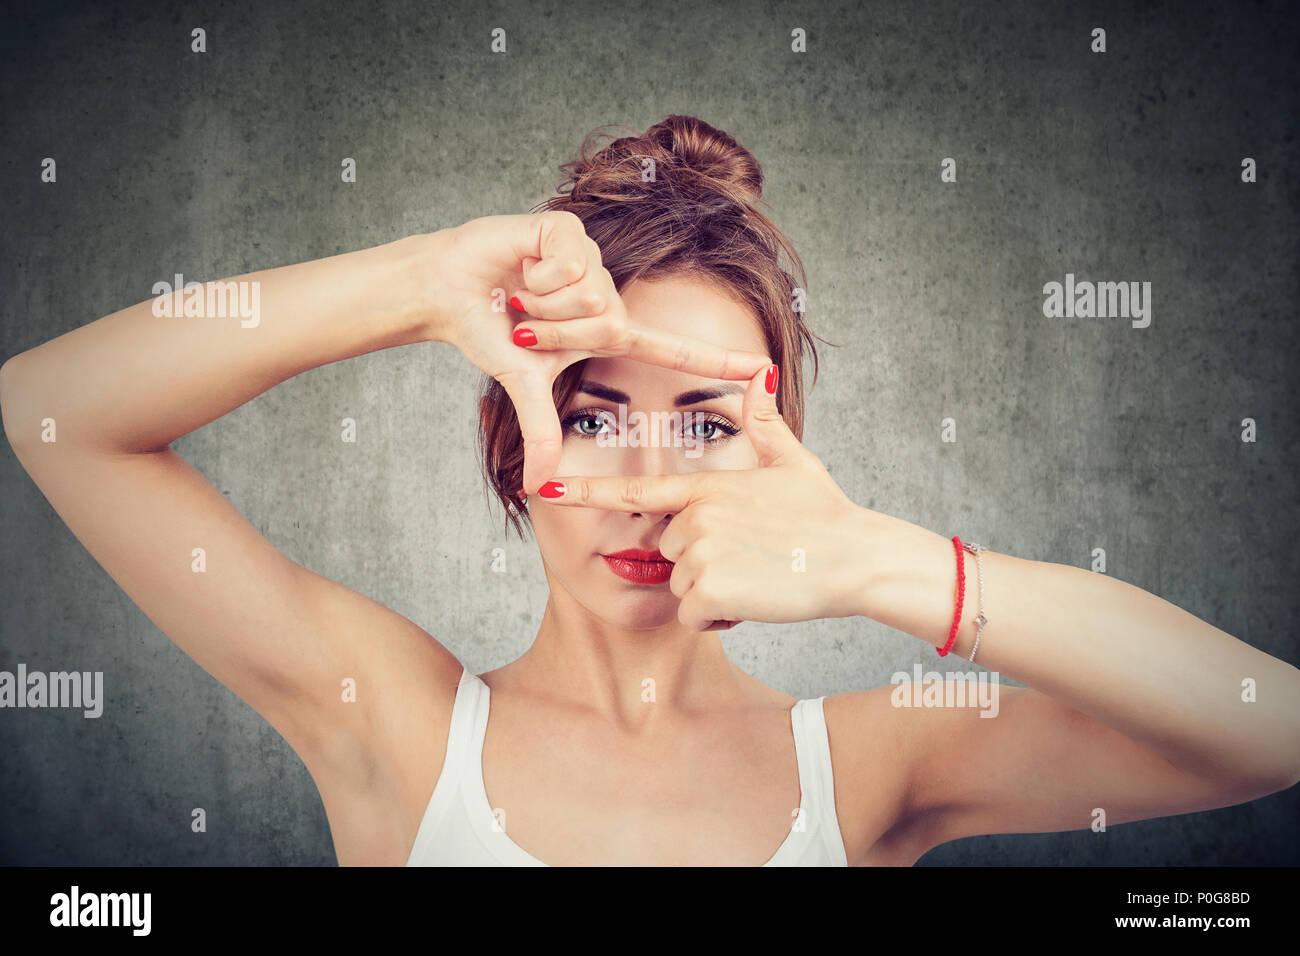 Junge Mädchen, die Rahmen mit Fingern und Suchen durch Begrenzungen bei Camera auf grauem Hintergrund Stockbild